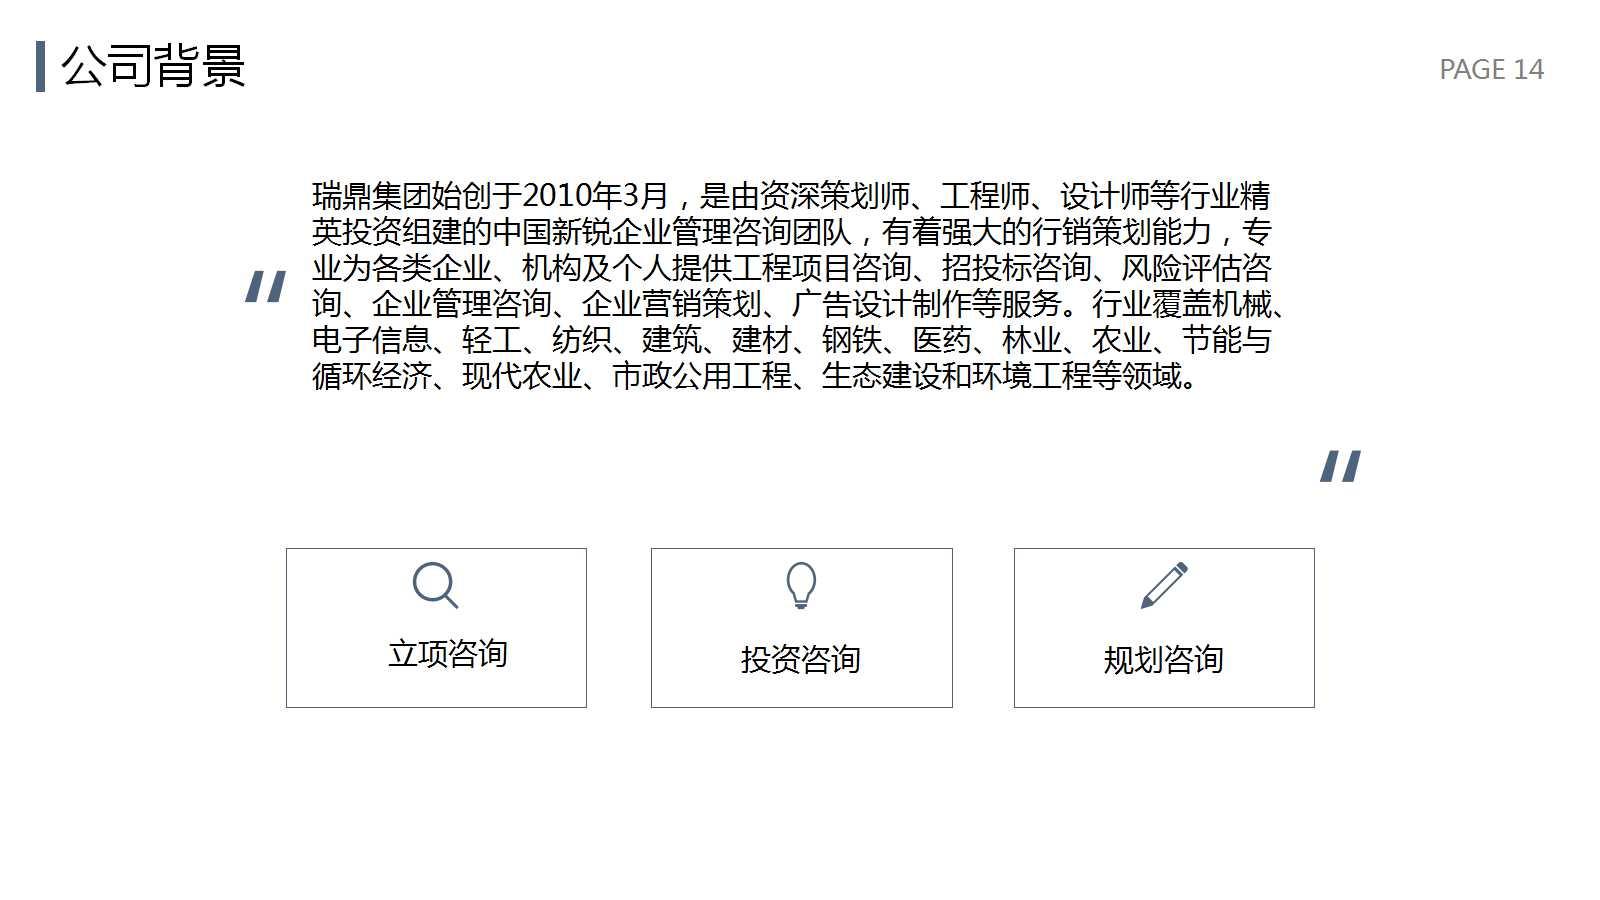 德宏梁河专业做景区规划设计实地考察